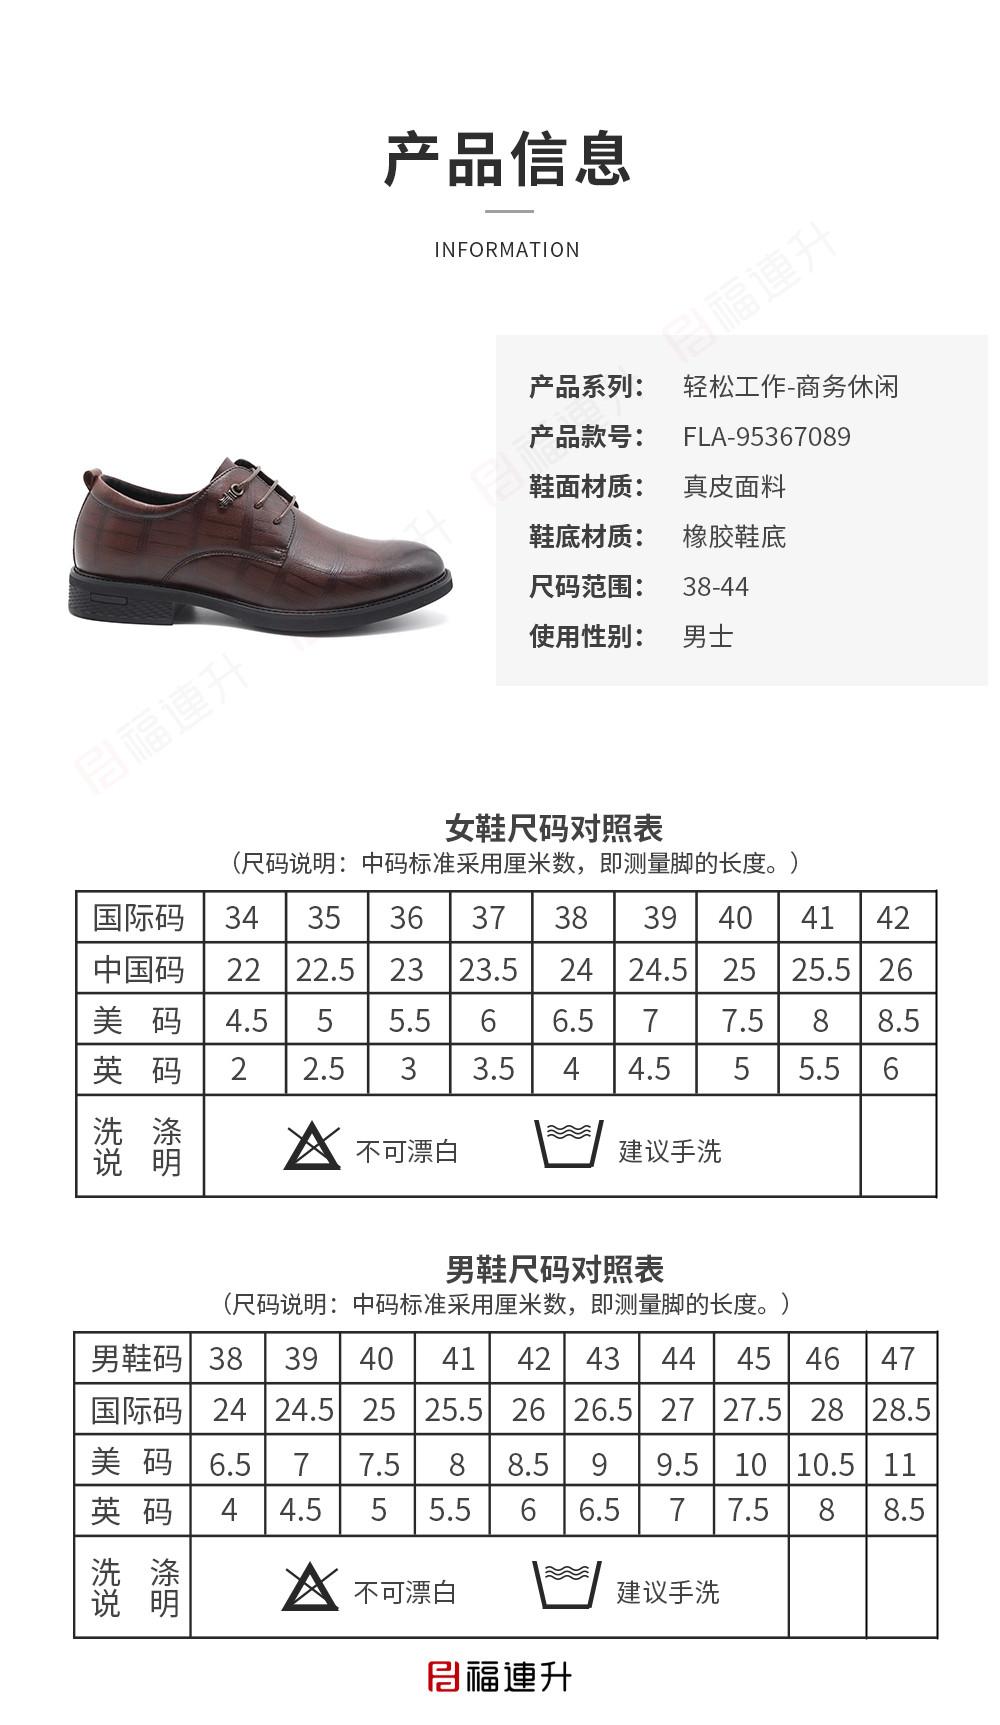 福连升商务工作正装男鞋皮鞋棉麻内里舒适单鞋图片